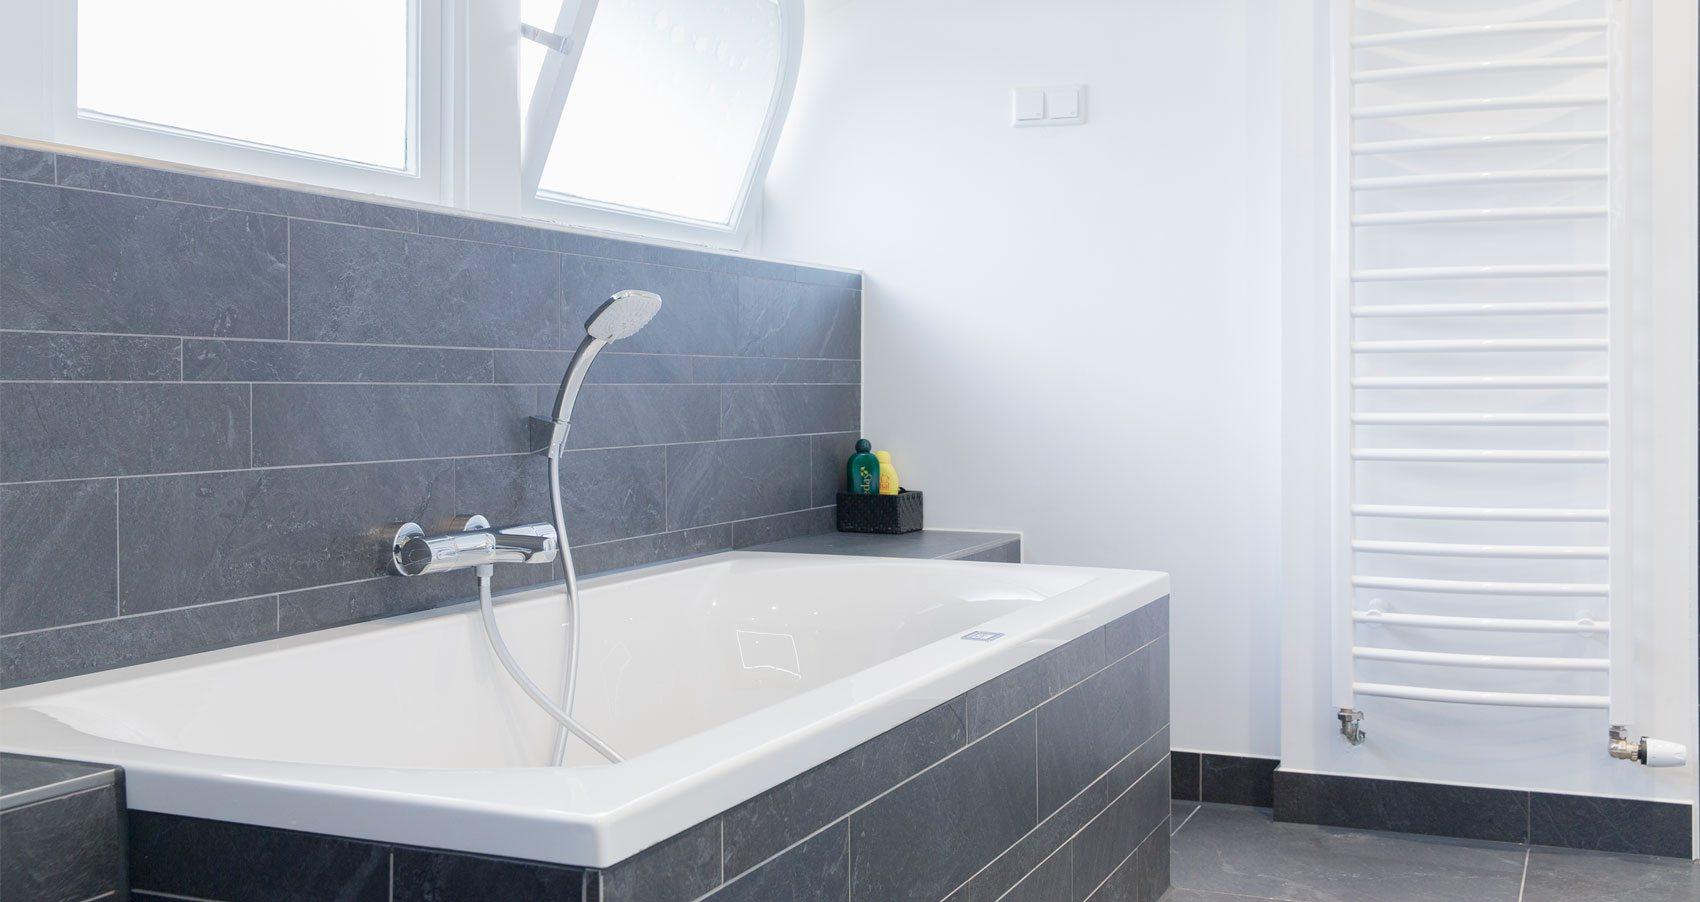 Badkamer Showroom Duiven : Badkamer showroom vool inspiratie badmeesters